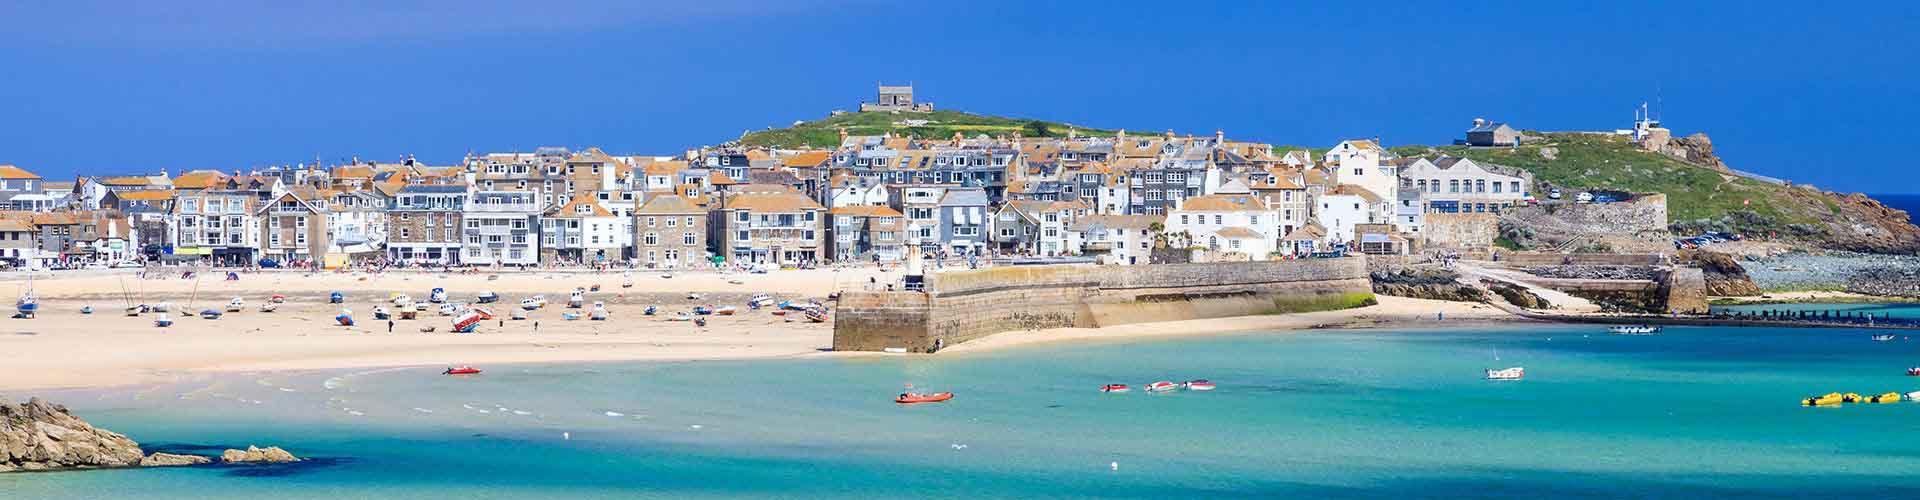 Cornwall - Apartamenty w mieście Cornwall, Mapy miasta Cornwall, Zdjęcia i Recenzje dla każdego Apartamentu w mieście Cornwall.